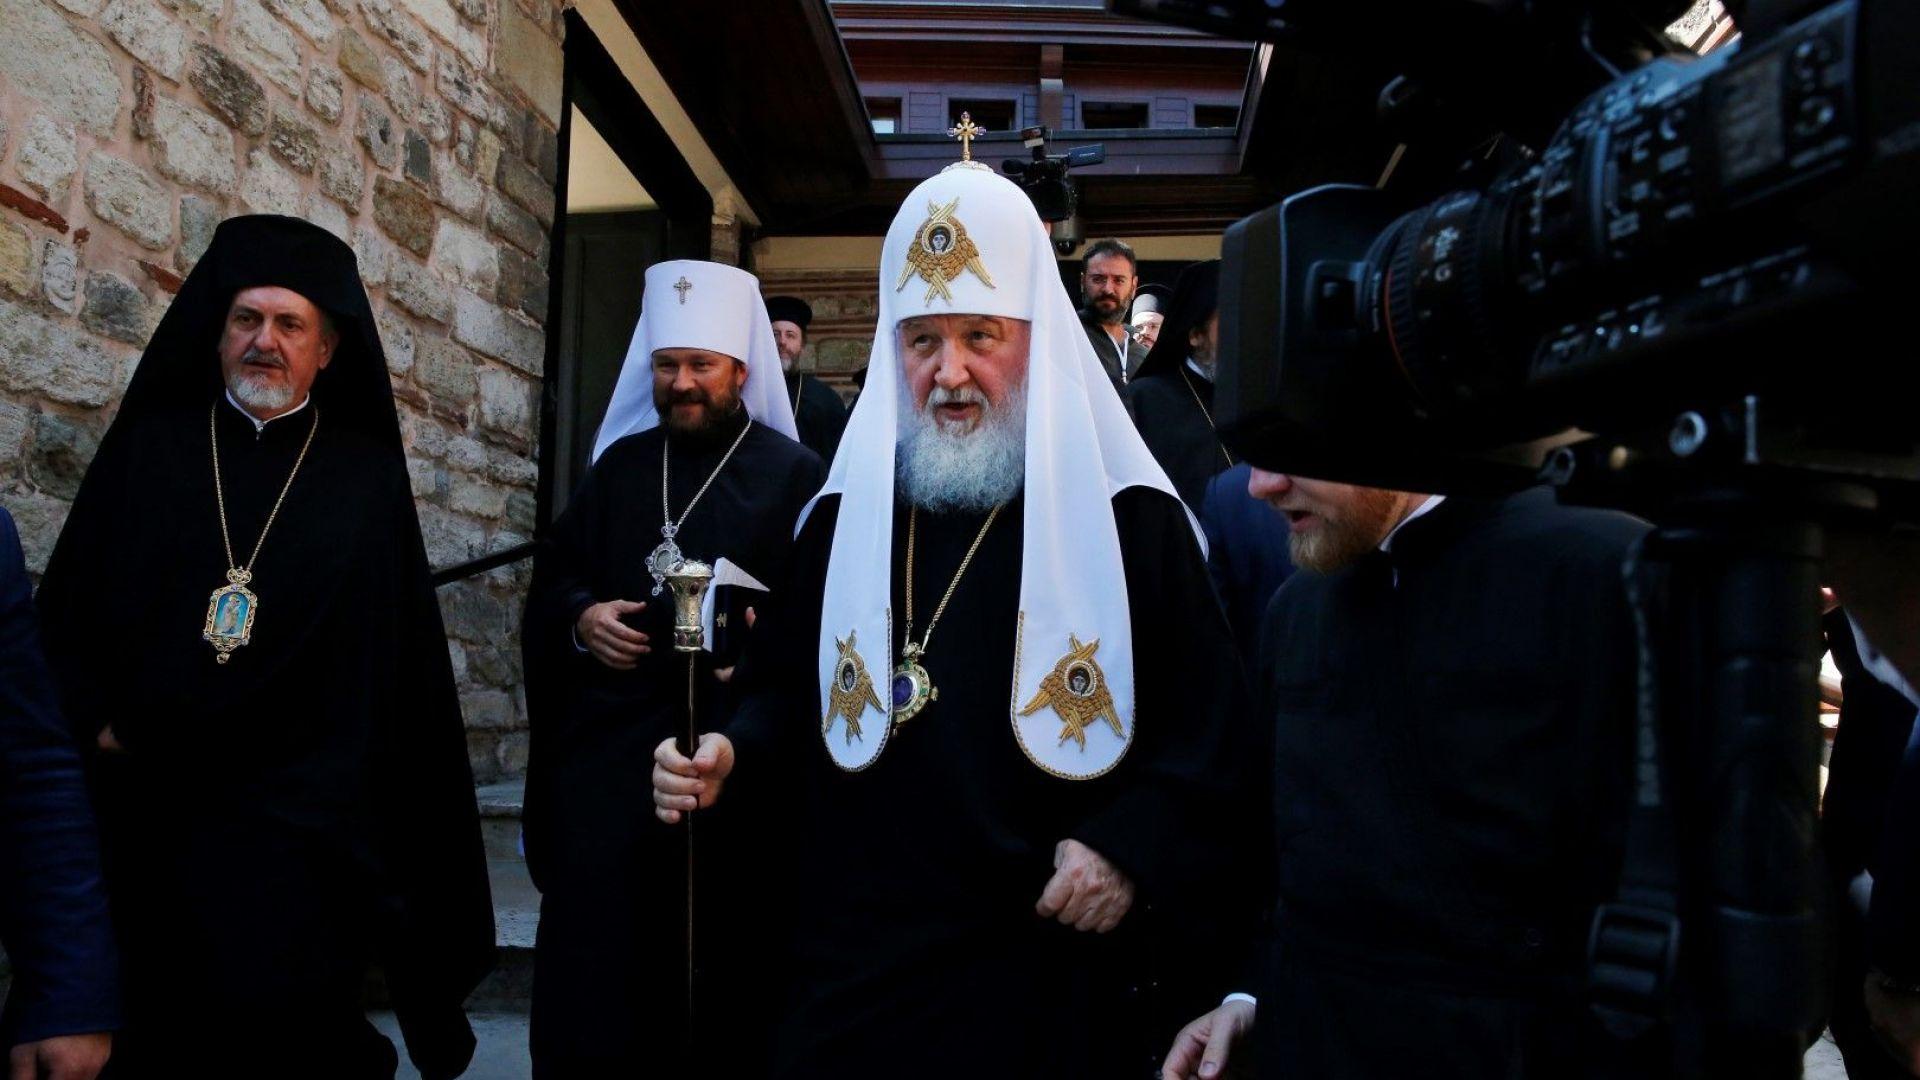 Започна съдбовната среща на патриарх Кирил и Вселенския патриарх Вартоломей